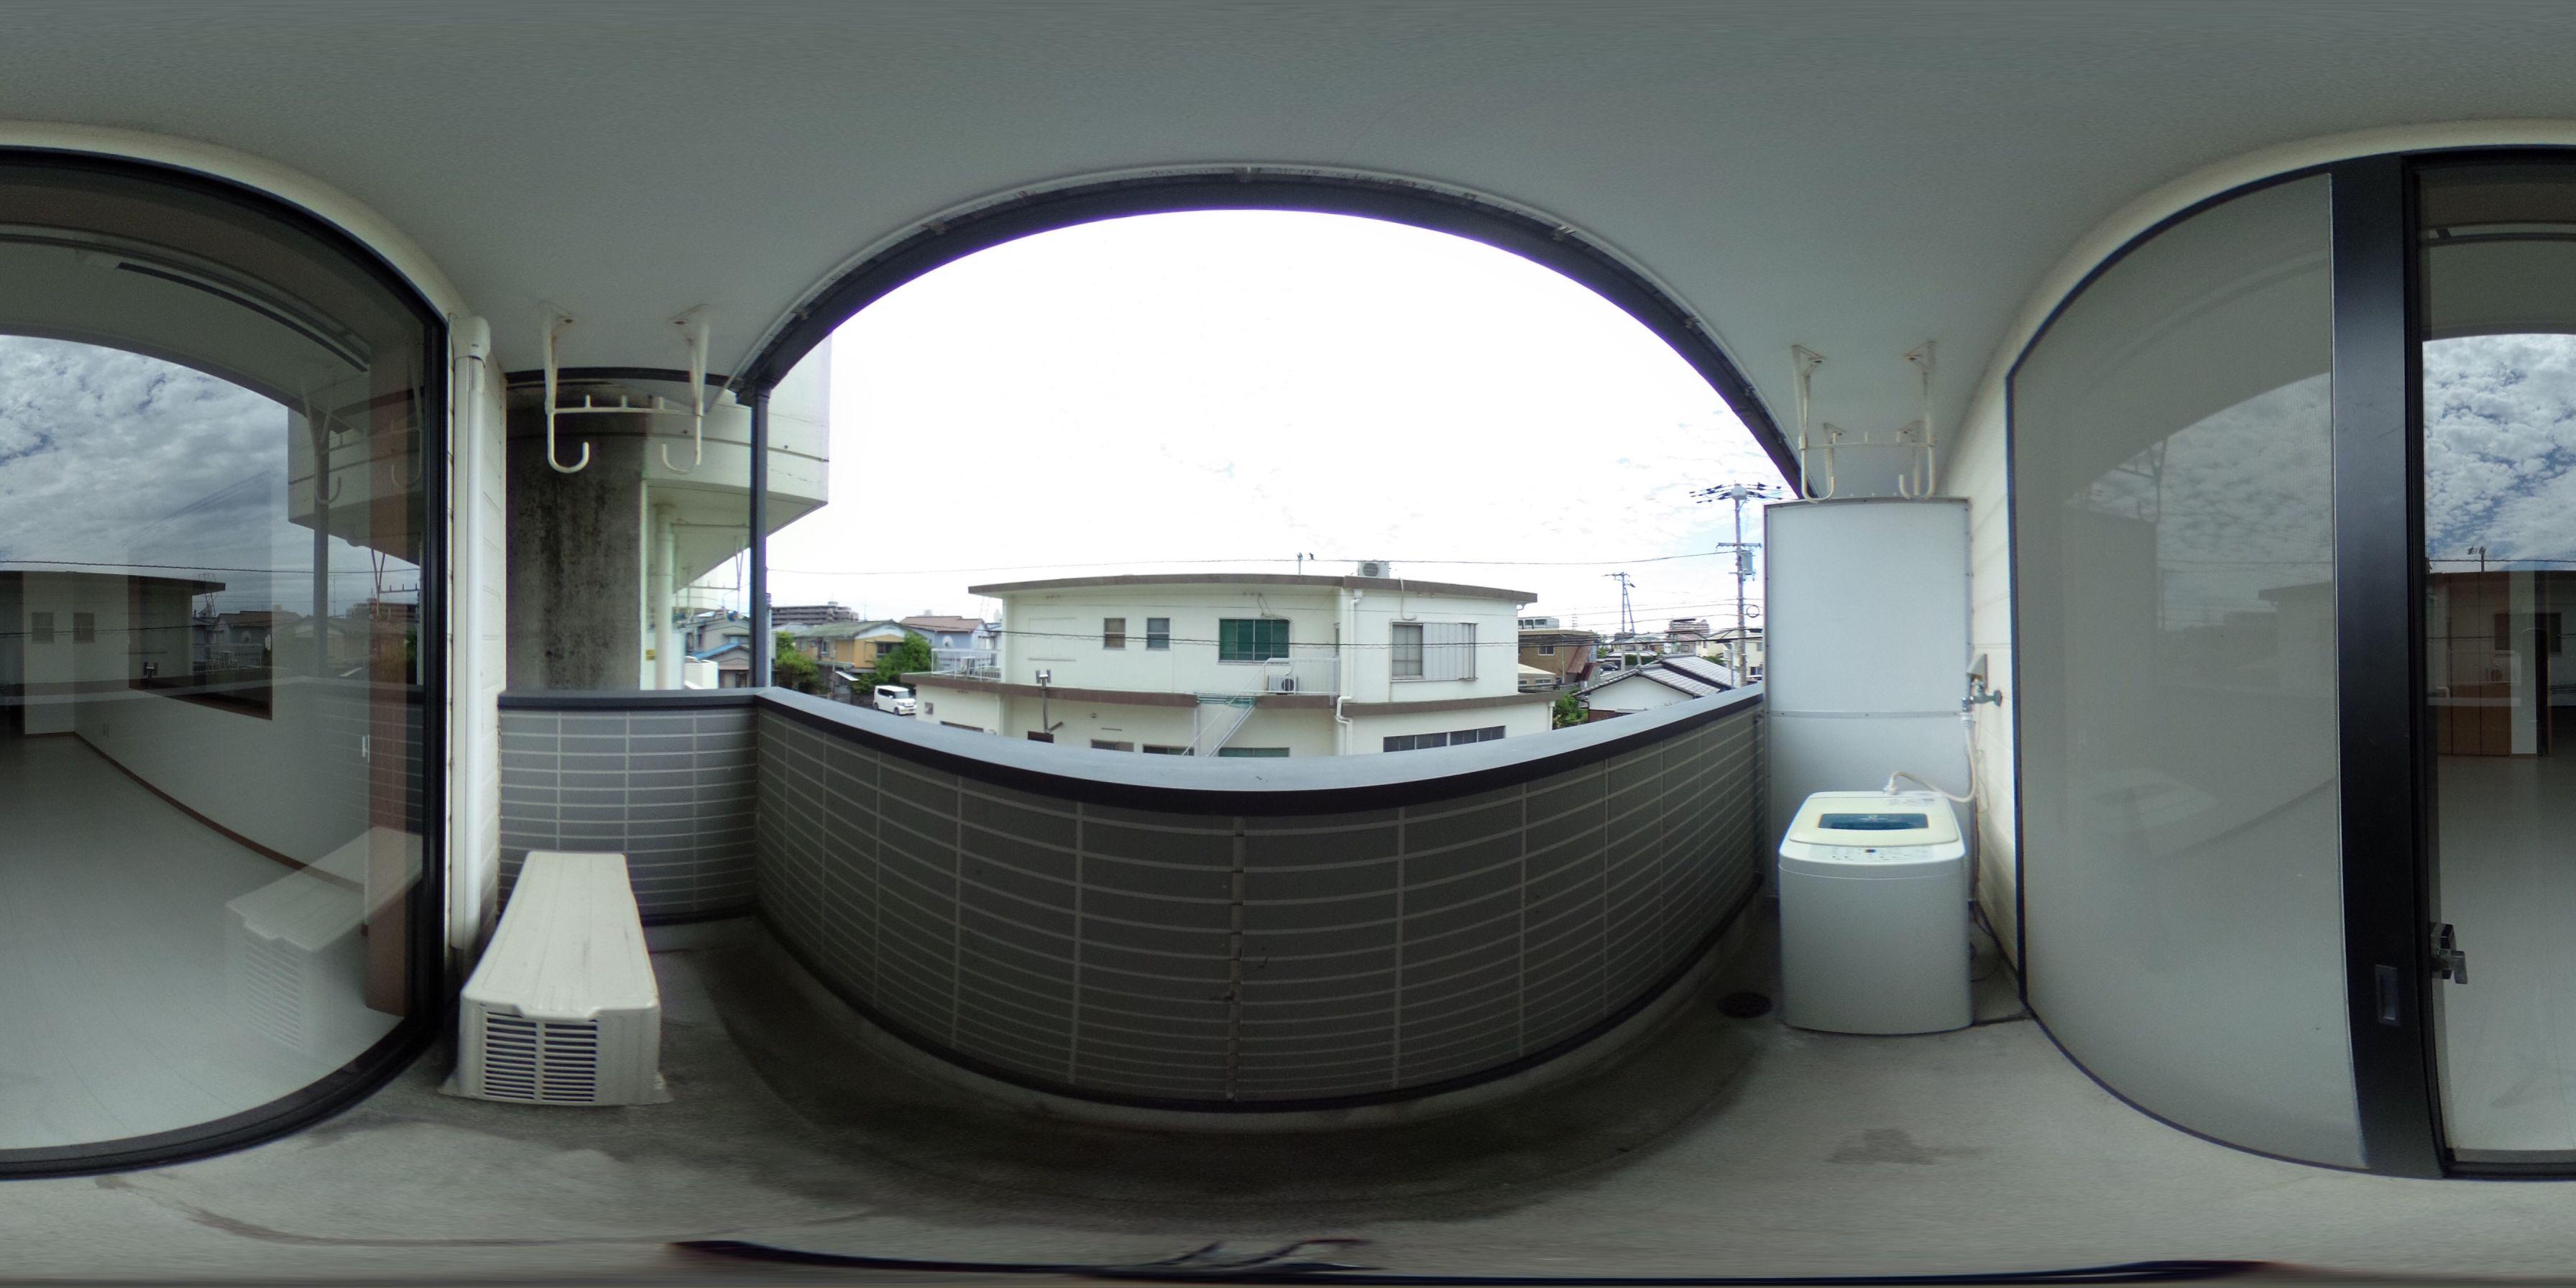 徳島市住吉 賃貸アパート 1Kパノラマ画像